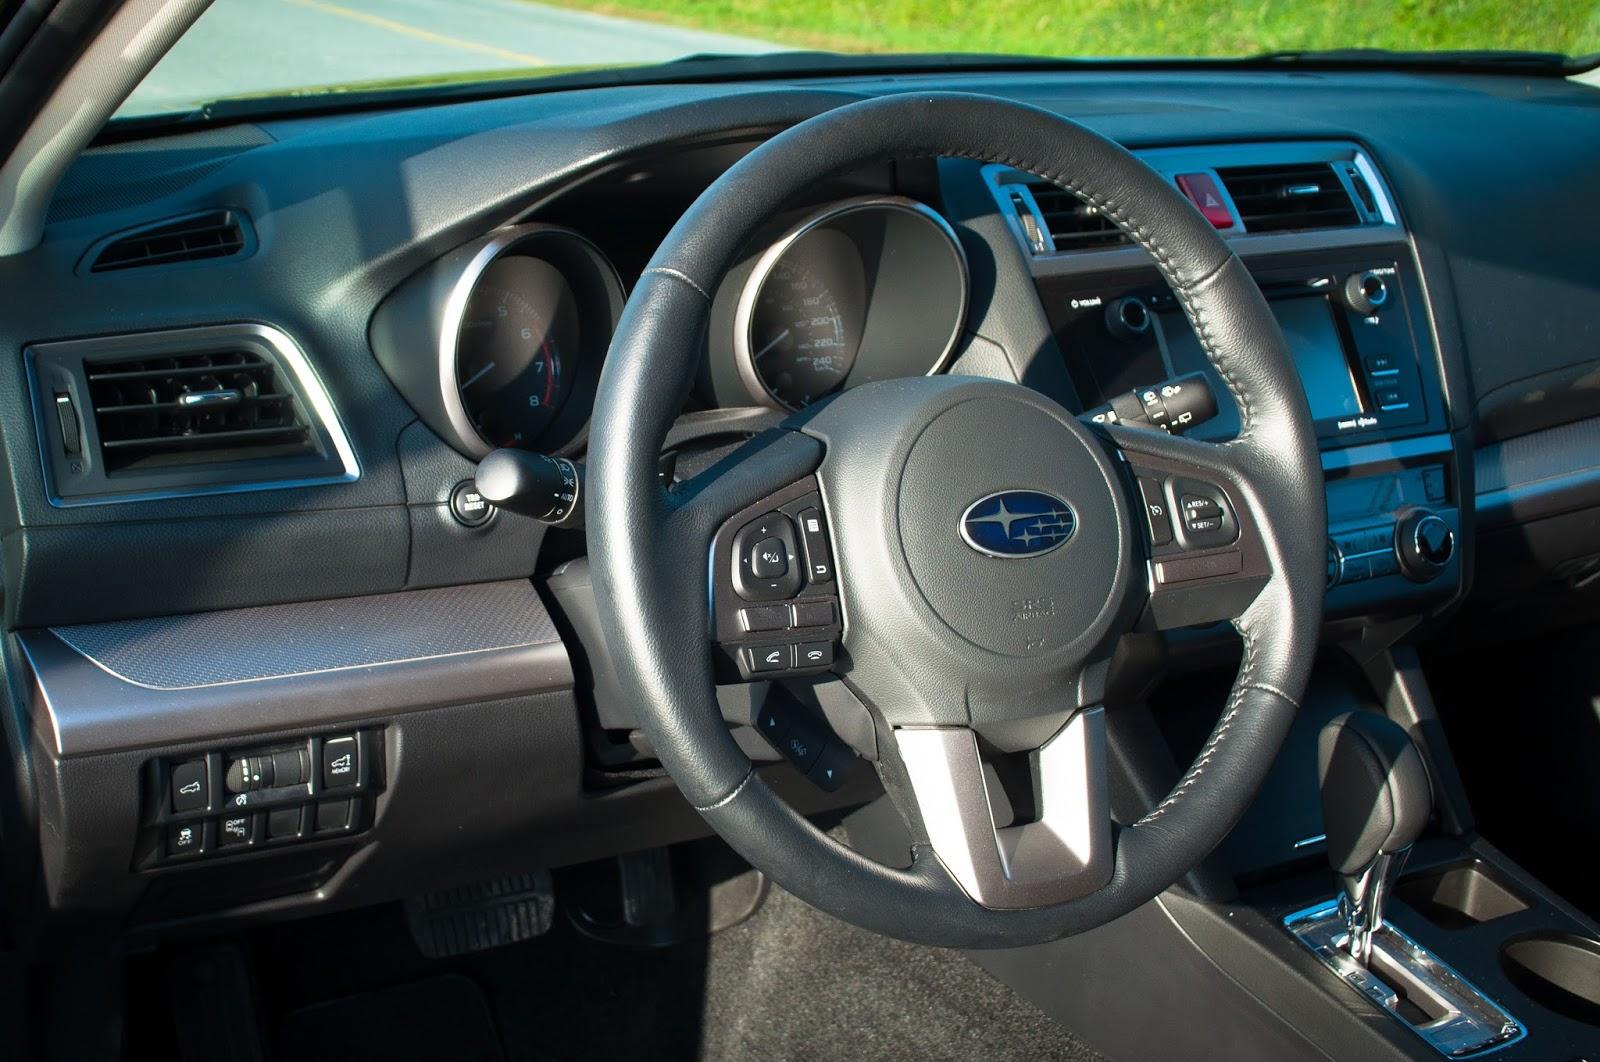 2015 Subaru Outback 2.5i Touring Interior